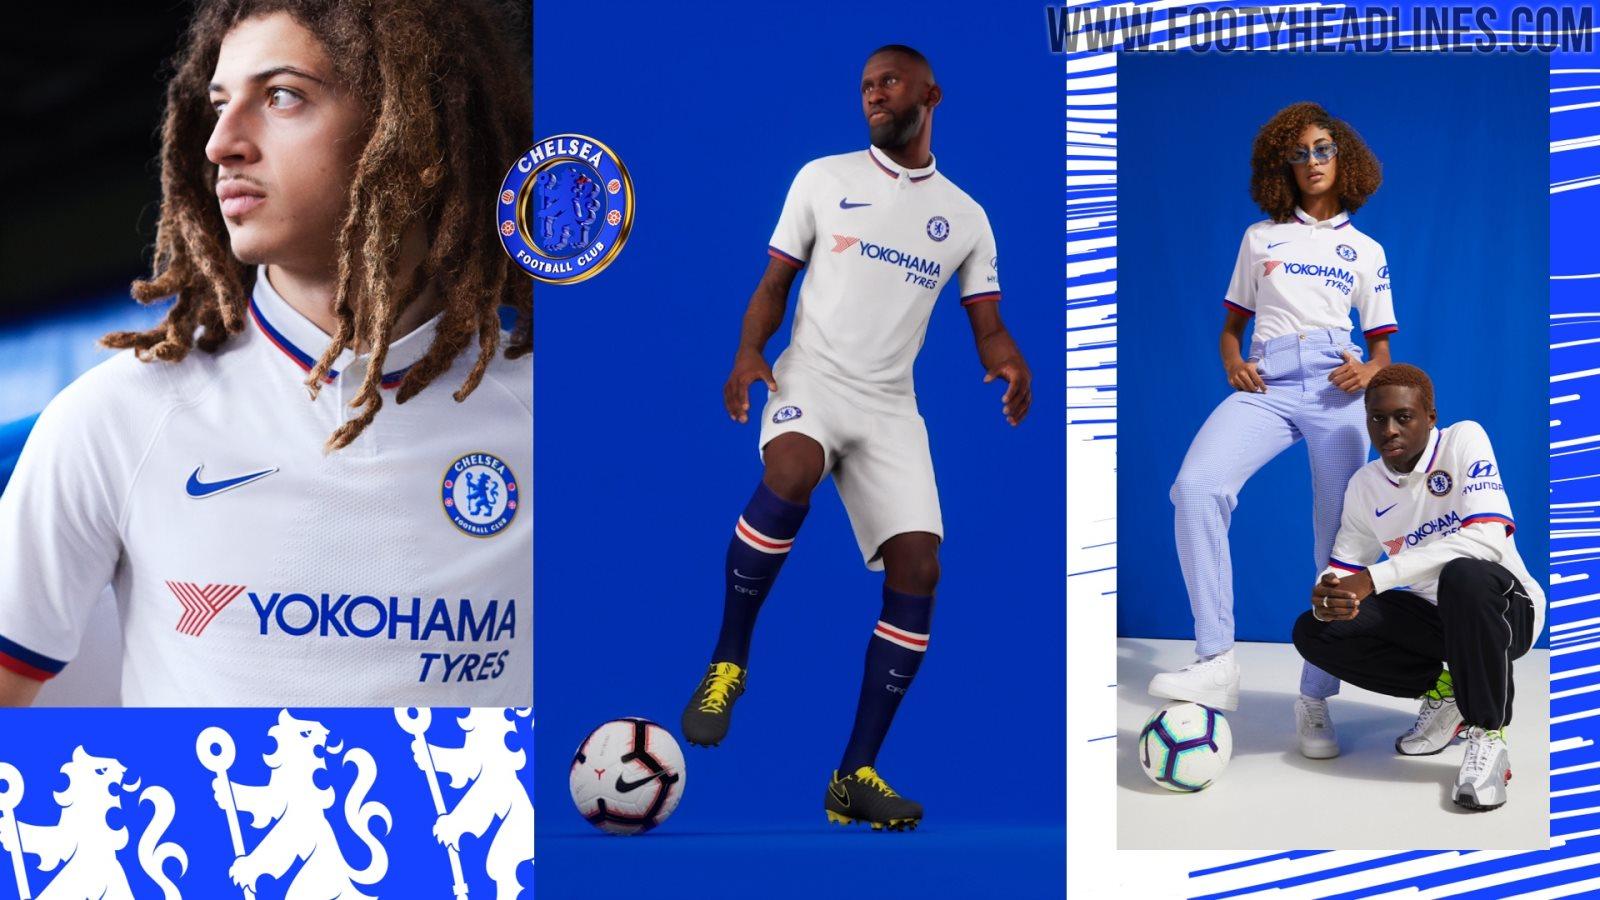 Chelsea 19-20 Away Kit Released